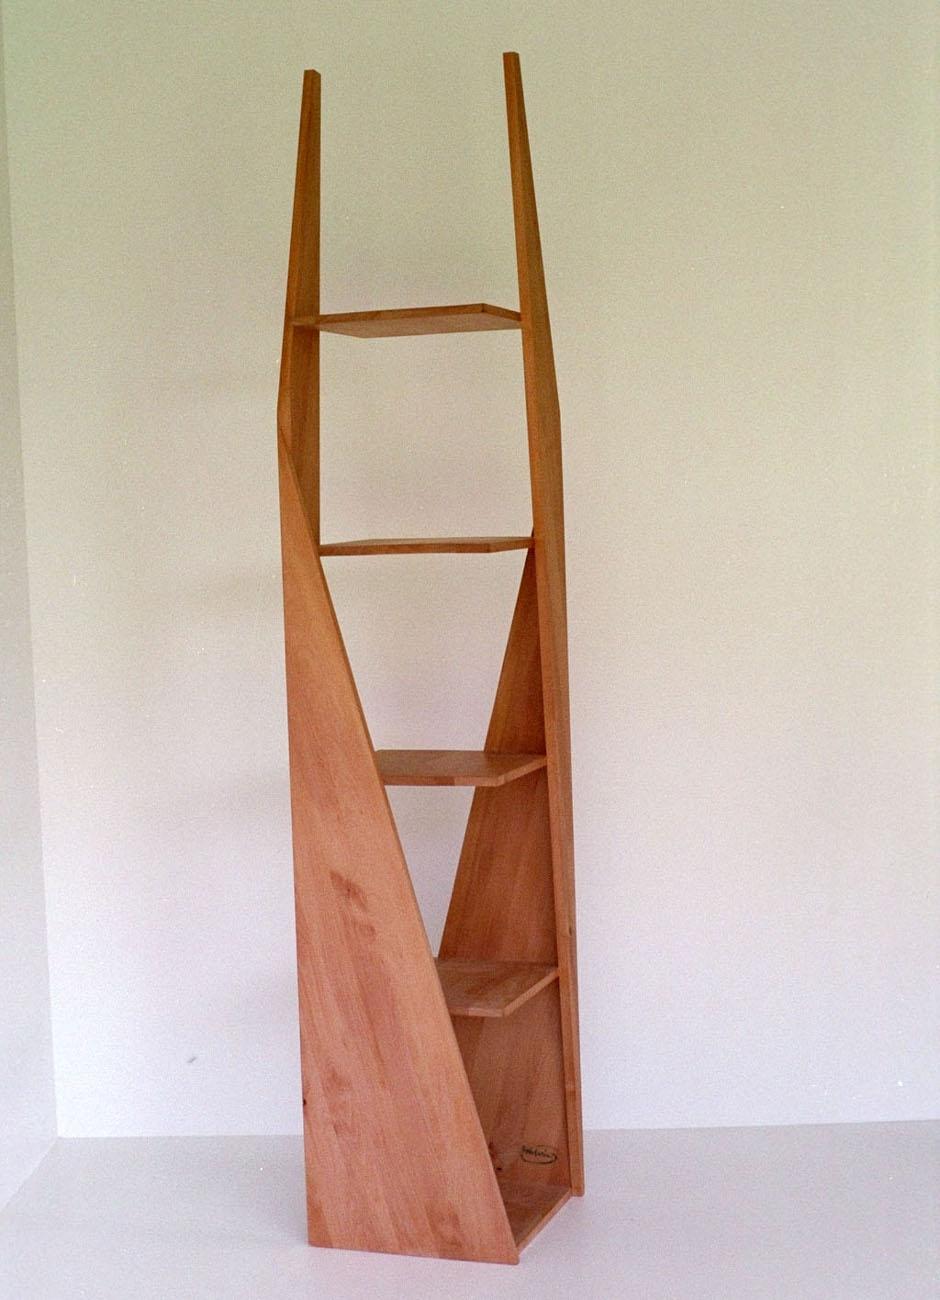 Drehregal mit Fachboden aus Holz